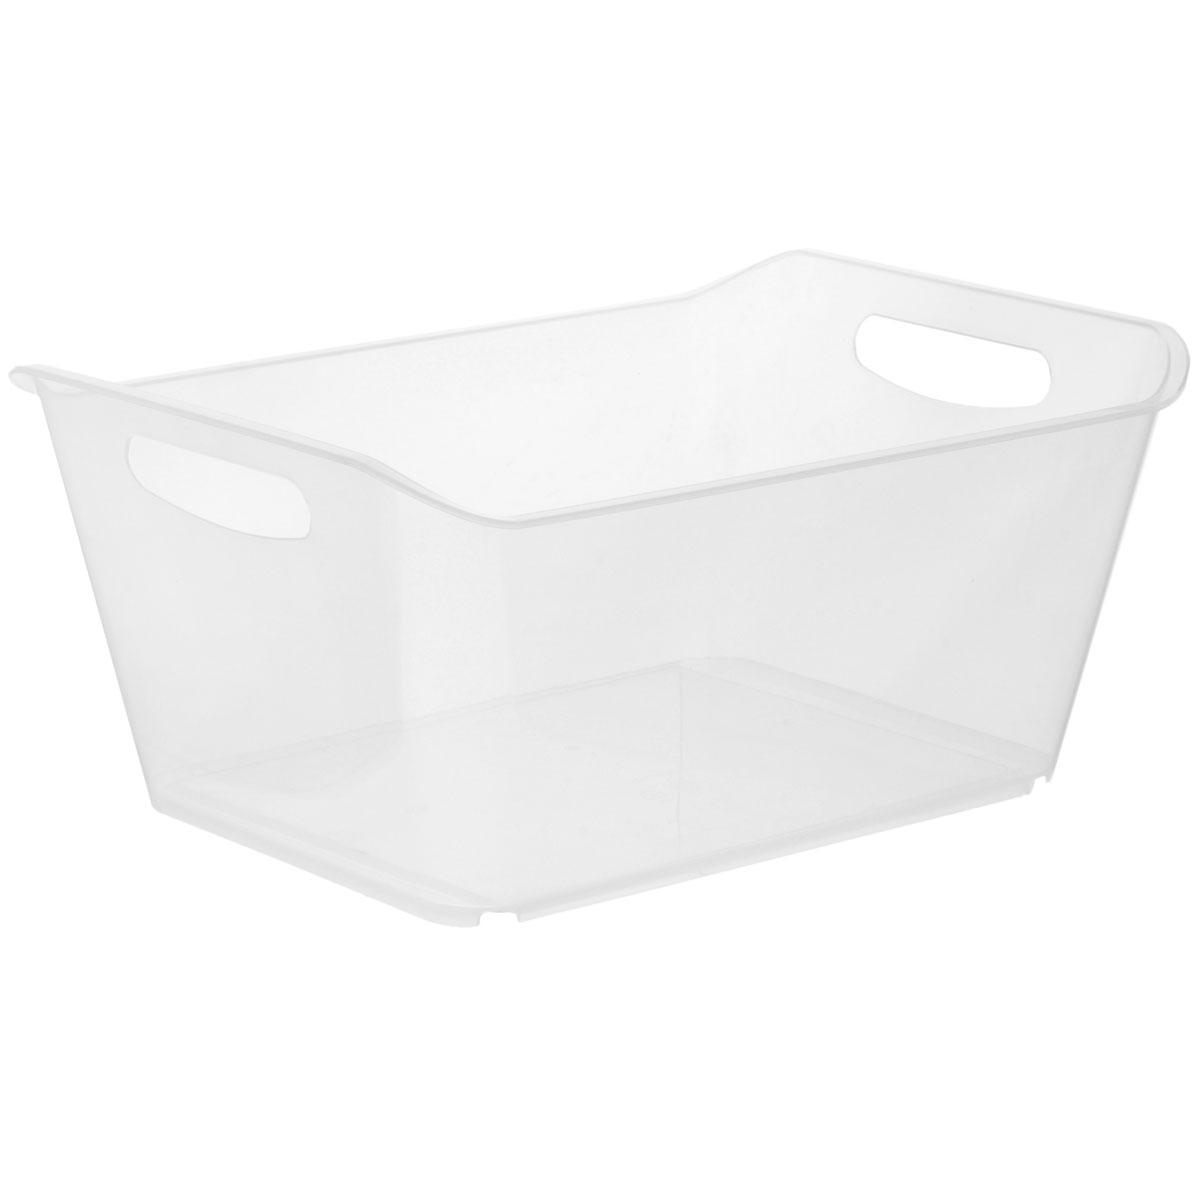 Контейнер Gensini, цвет: прозрачный, 18 л3333_прозрачныйКонтейнер Gensini выполнен из прочного пластика. Он предназначен для хранения различных мелких вещей в ванной, на кухне, даче или гараже, исключая возможность их потери. По бокам контейнера предусмотрены две удобные ручки для его переноски. Контейнер поможет хранить все в одном месте, а также защитить вещи от пыли, грязи и влаги. Объем: 18 л.